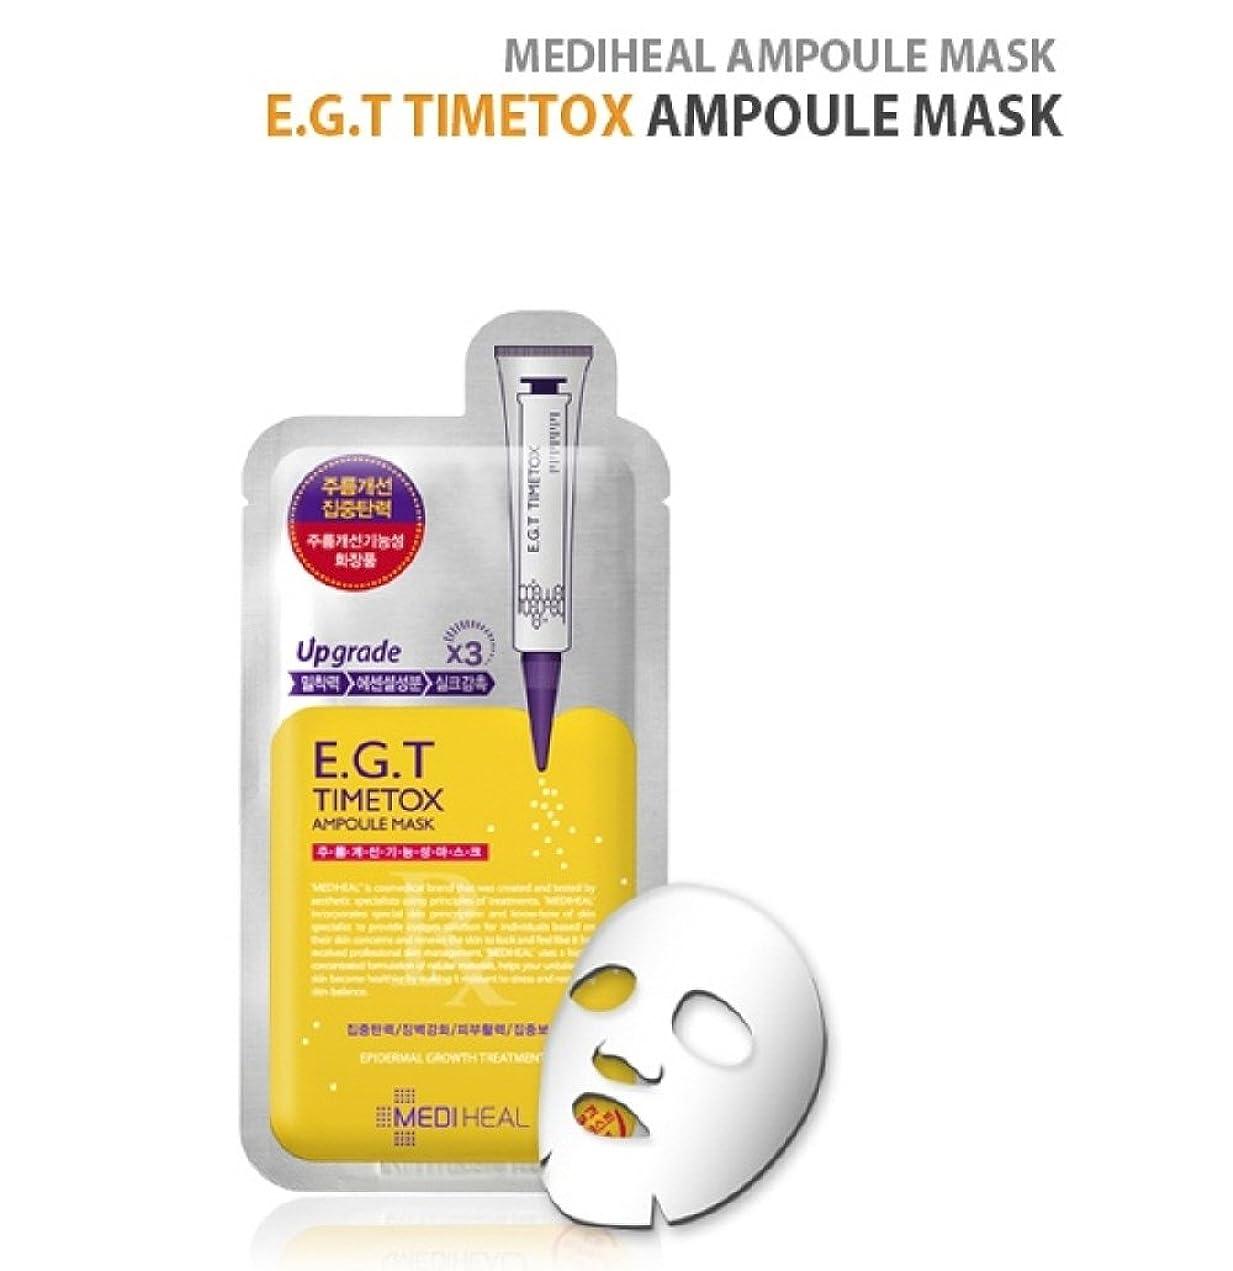 挨拶不適当降雨【メディヒール】Timetoxアンプルマスクパック (10枚)5Upgrade MEDIHEAL E.G.T Timetox Ampule Mask Pack REX 10 piece [並行輸入品]